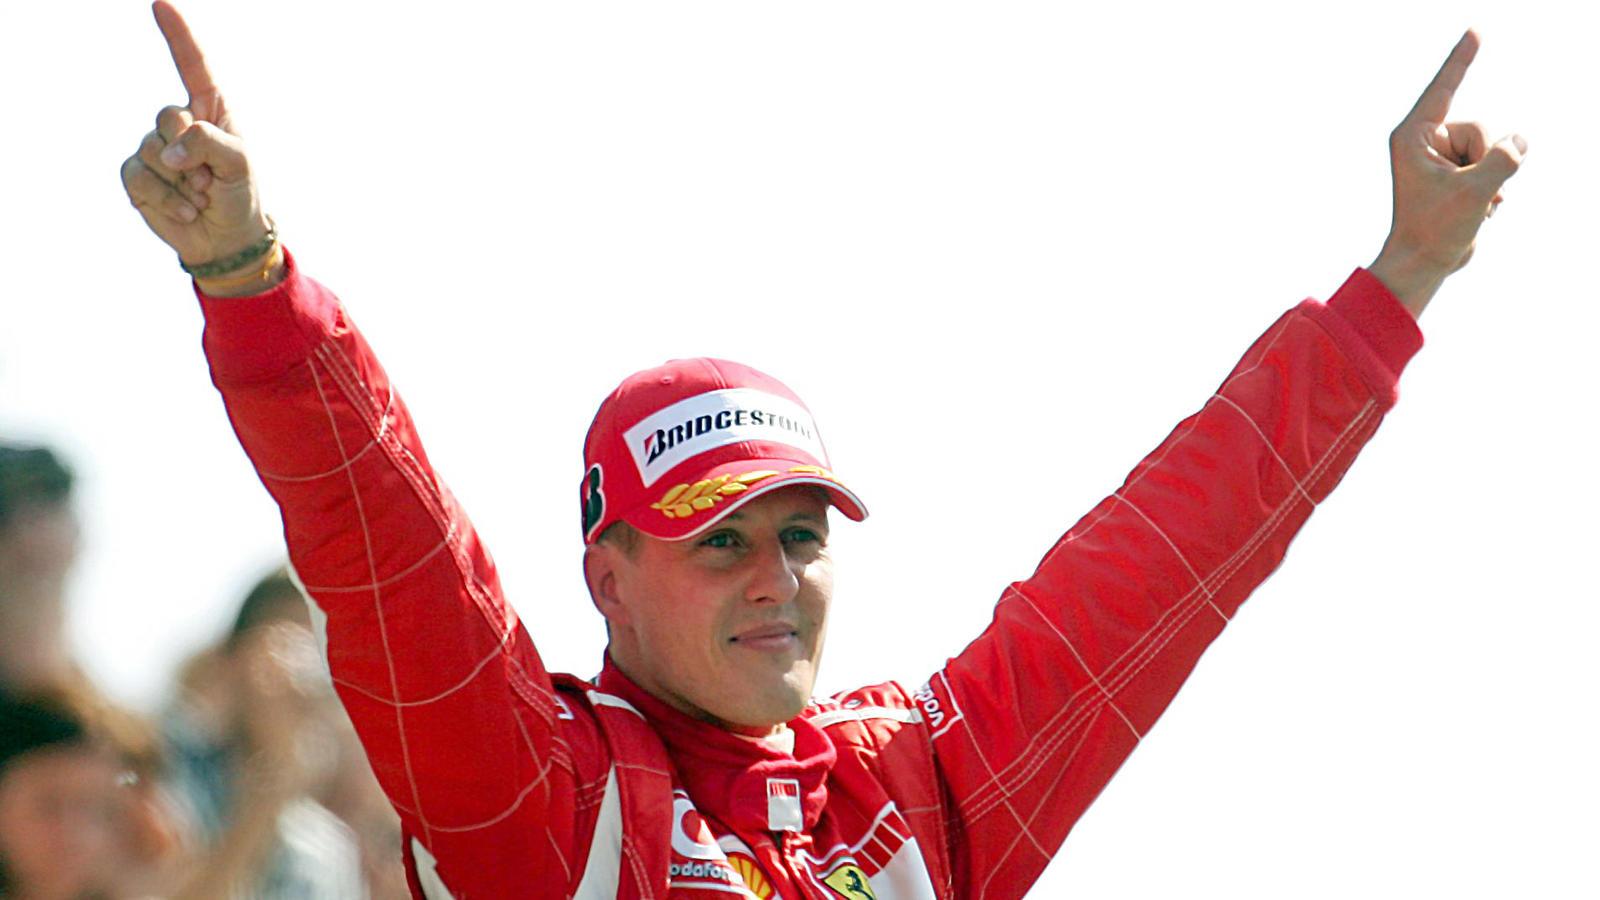 Michael Schumacher gewann in seiner einzigartigen Karriere 7 WM-Titel und holte 91 GP-Siege